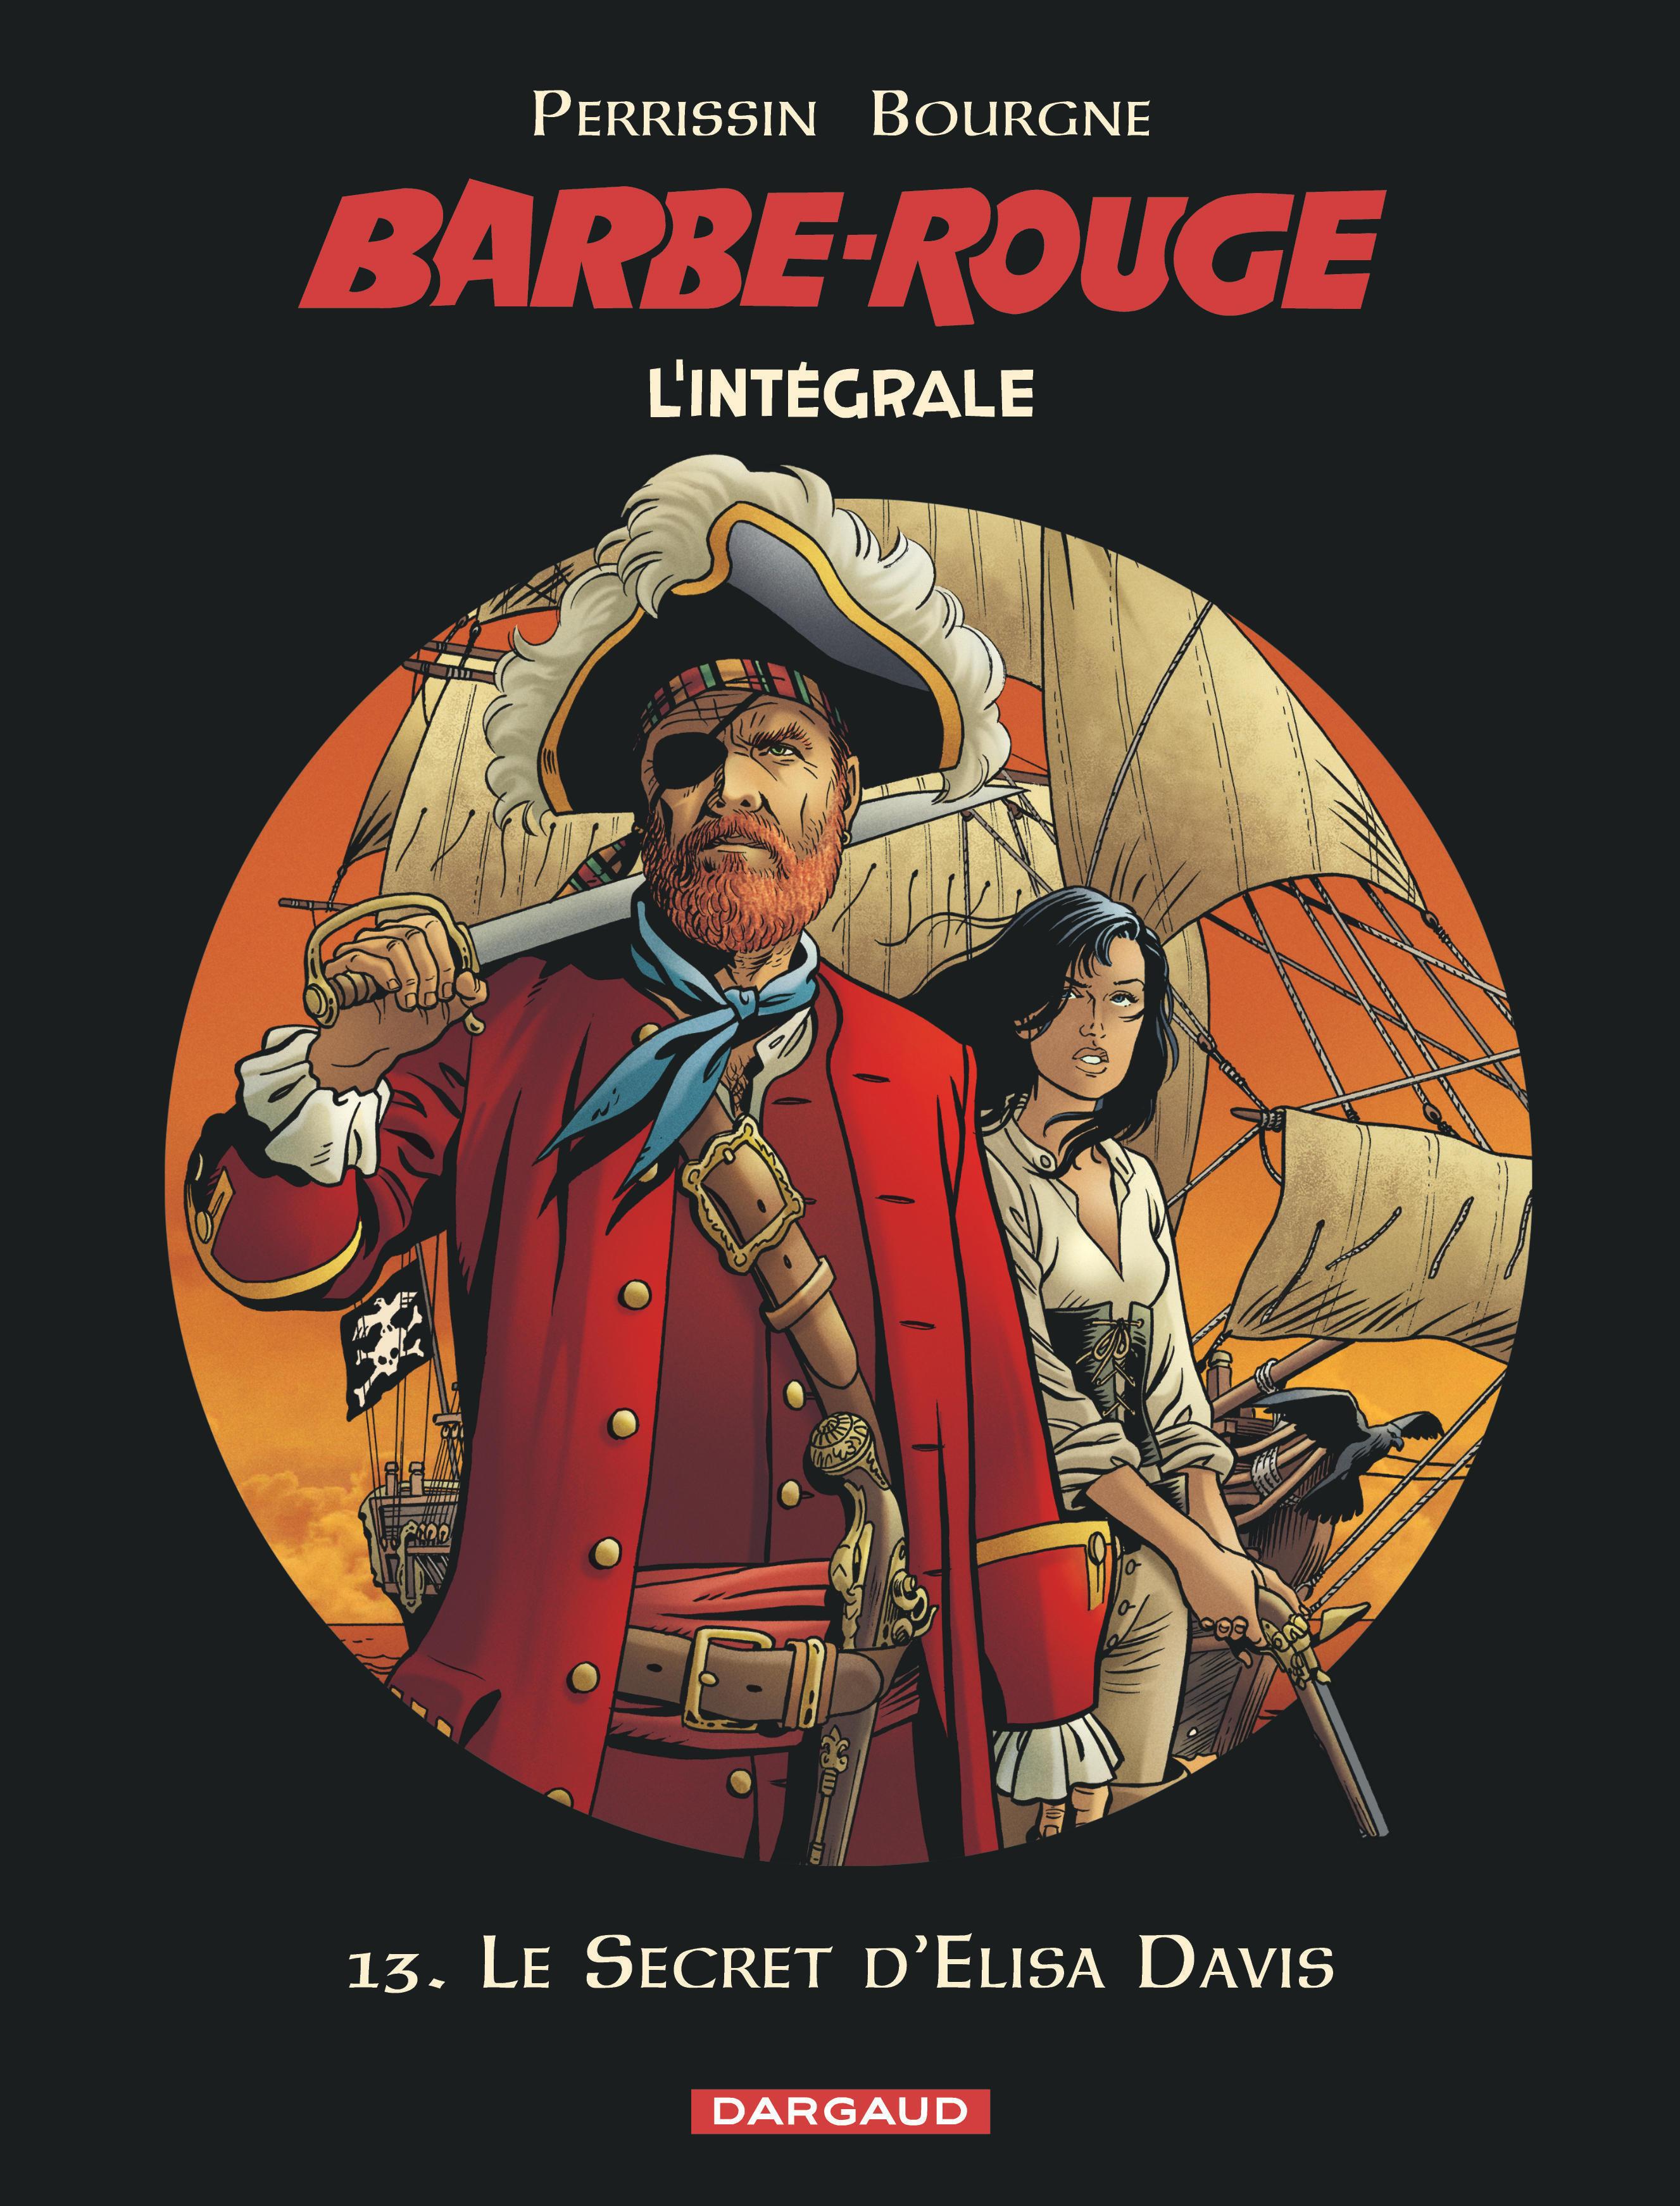 BARBE ROUGE (INTEGRALE) - BARBE-ROUGE - INTEGRALES - TOME 13 - LE SECRET D'ELISA DAVIS